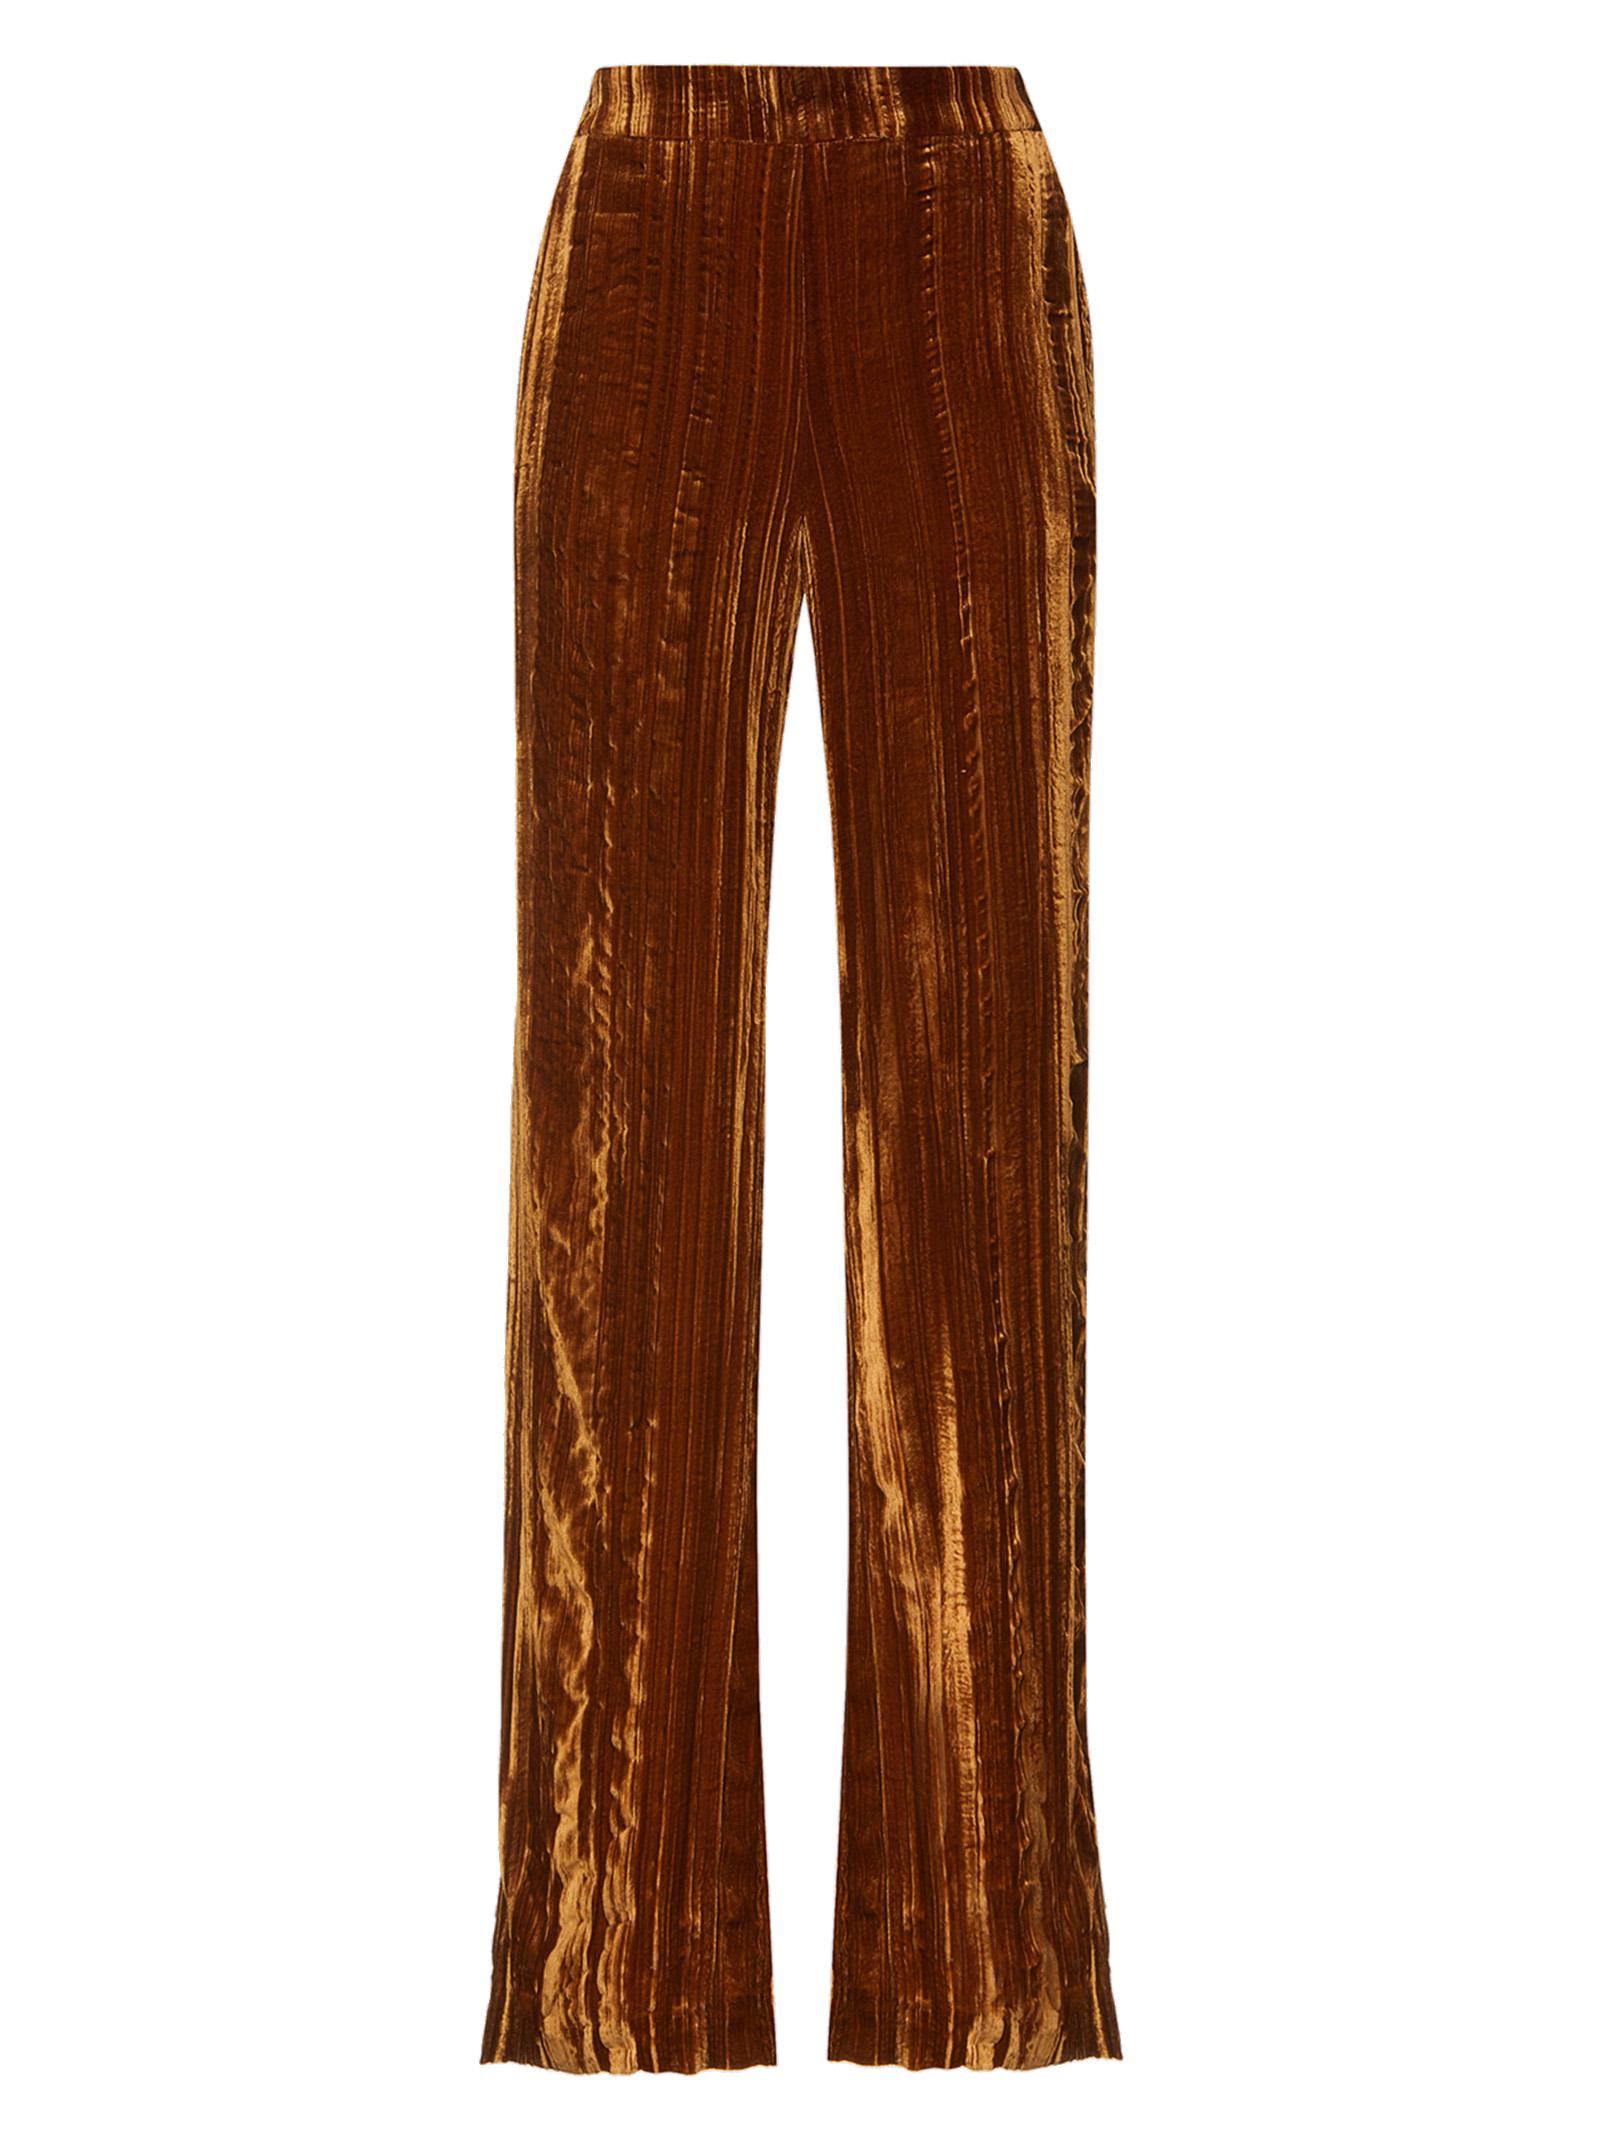 Abbigliamento Donna Pantalone Crinkle Velvet in Velluto Biscotto Froissè di Viscosa e Seta con Tasche alla Francese Maliparmi   Gonne e Pantaloni   JH73856102941004